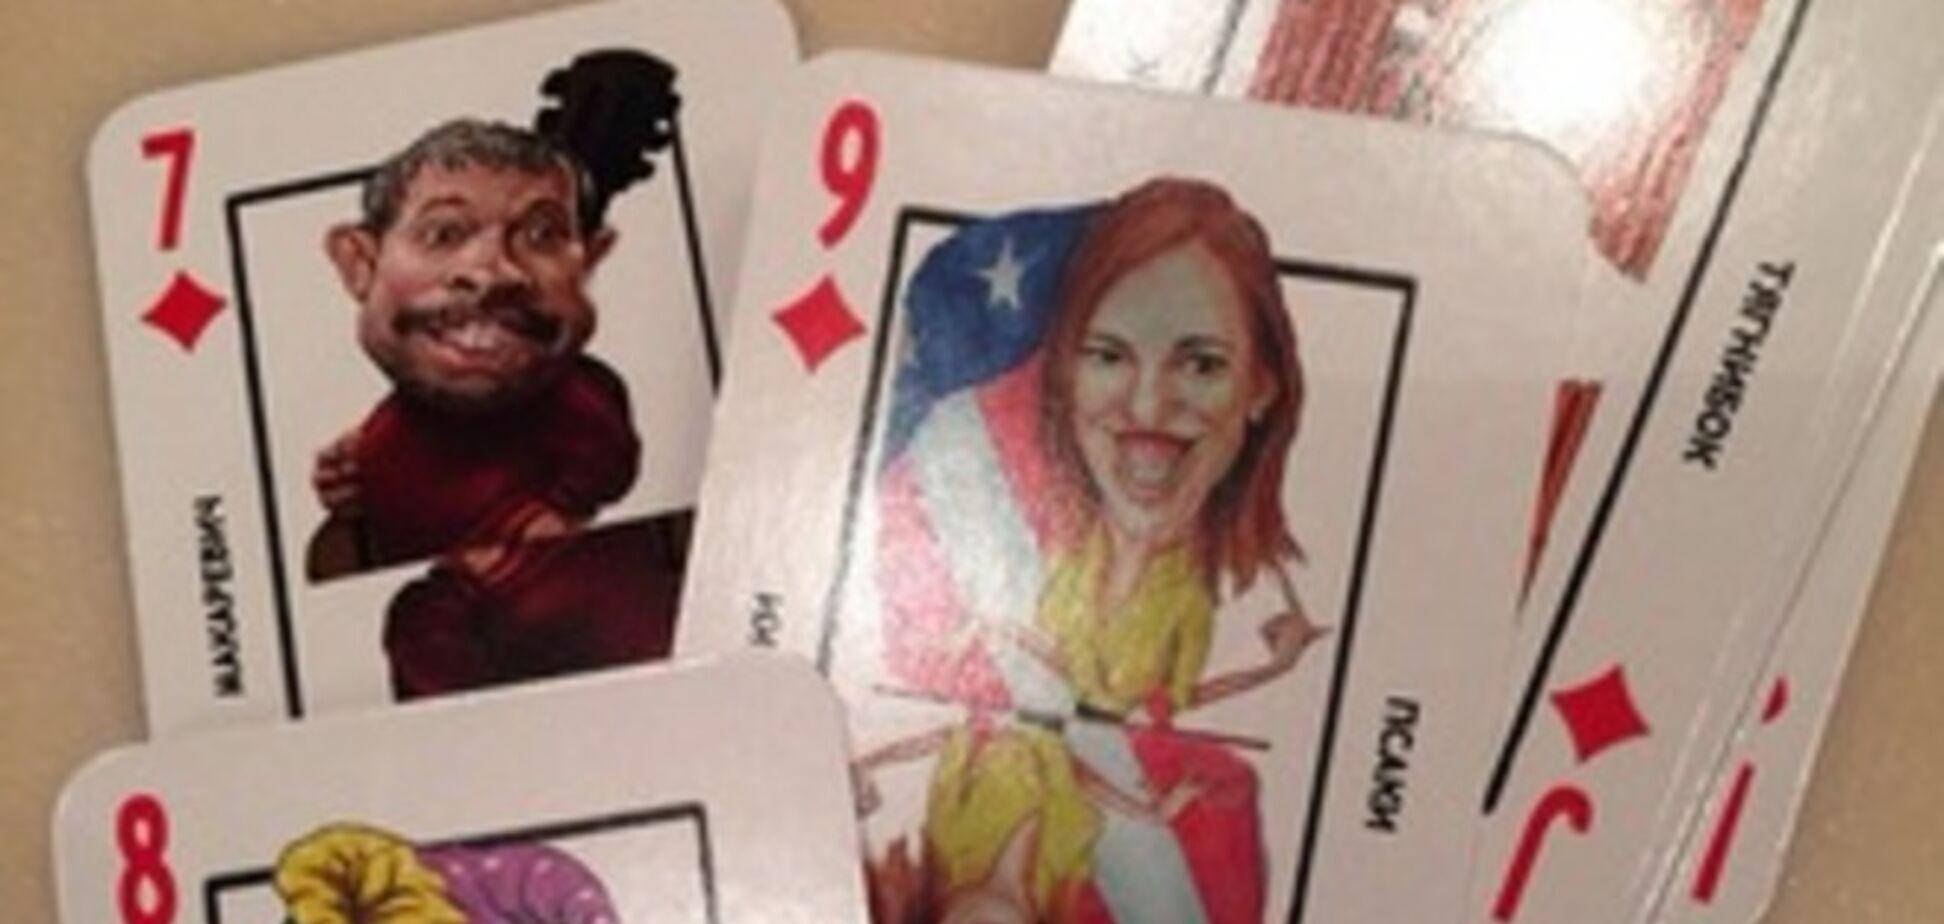 Для Кремля напечатали целую фуру игральных карт с 'врагами российского народа': опубликовано фото